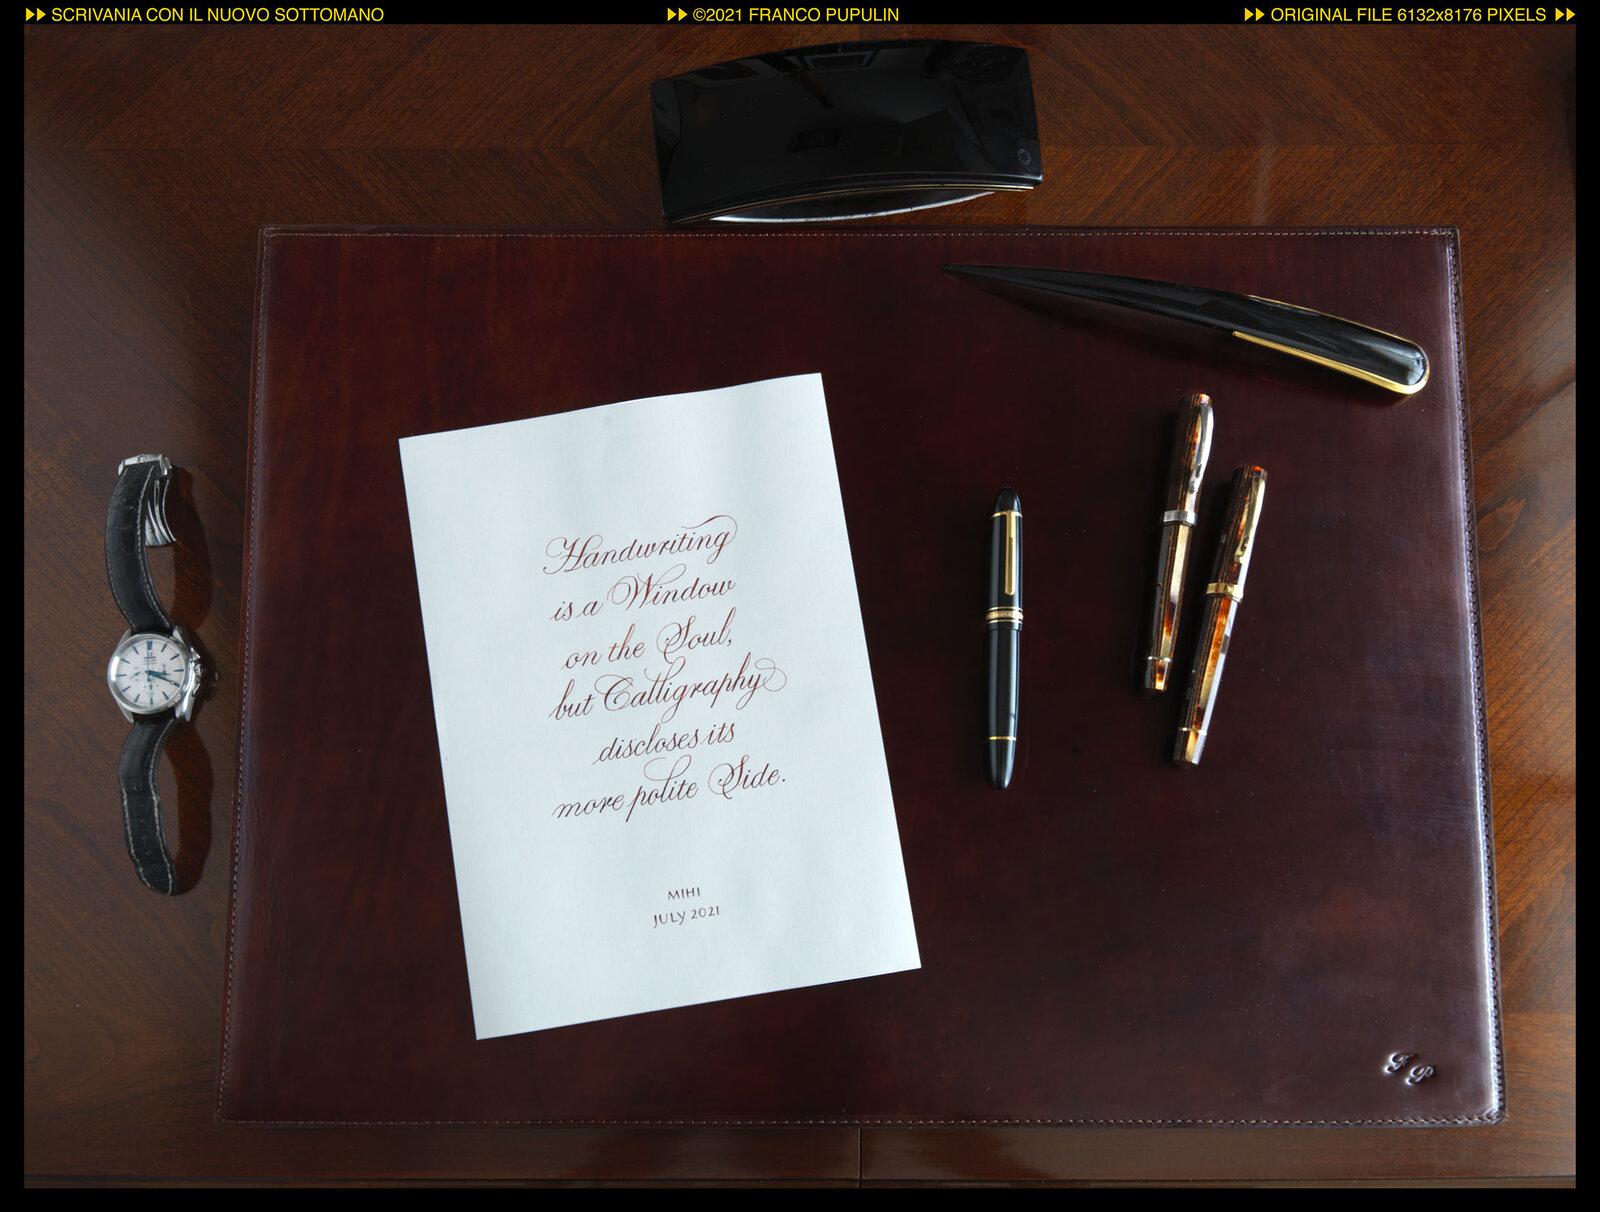 Scrivania con il nuovo sottomano (4) ©FP.jpg